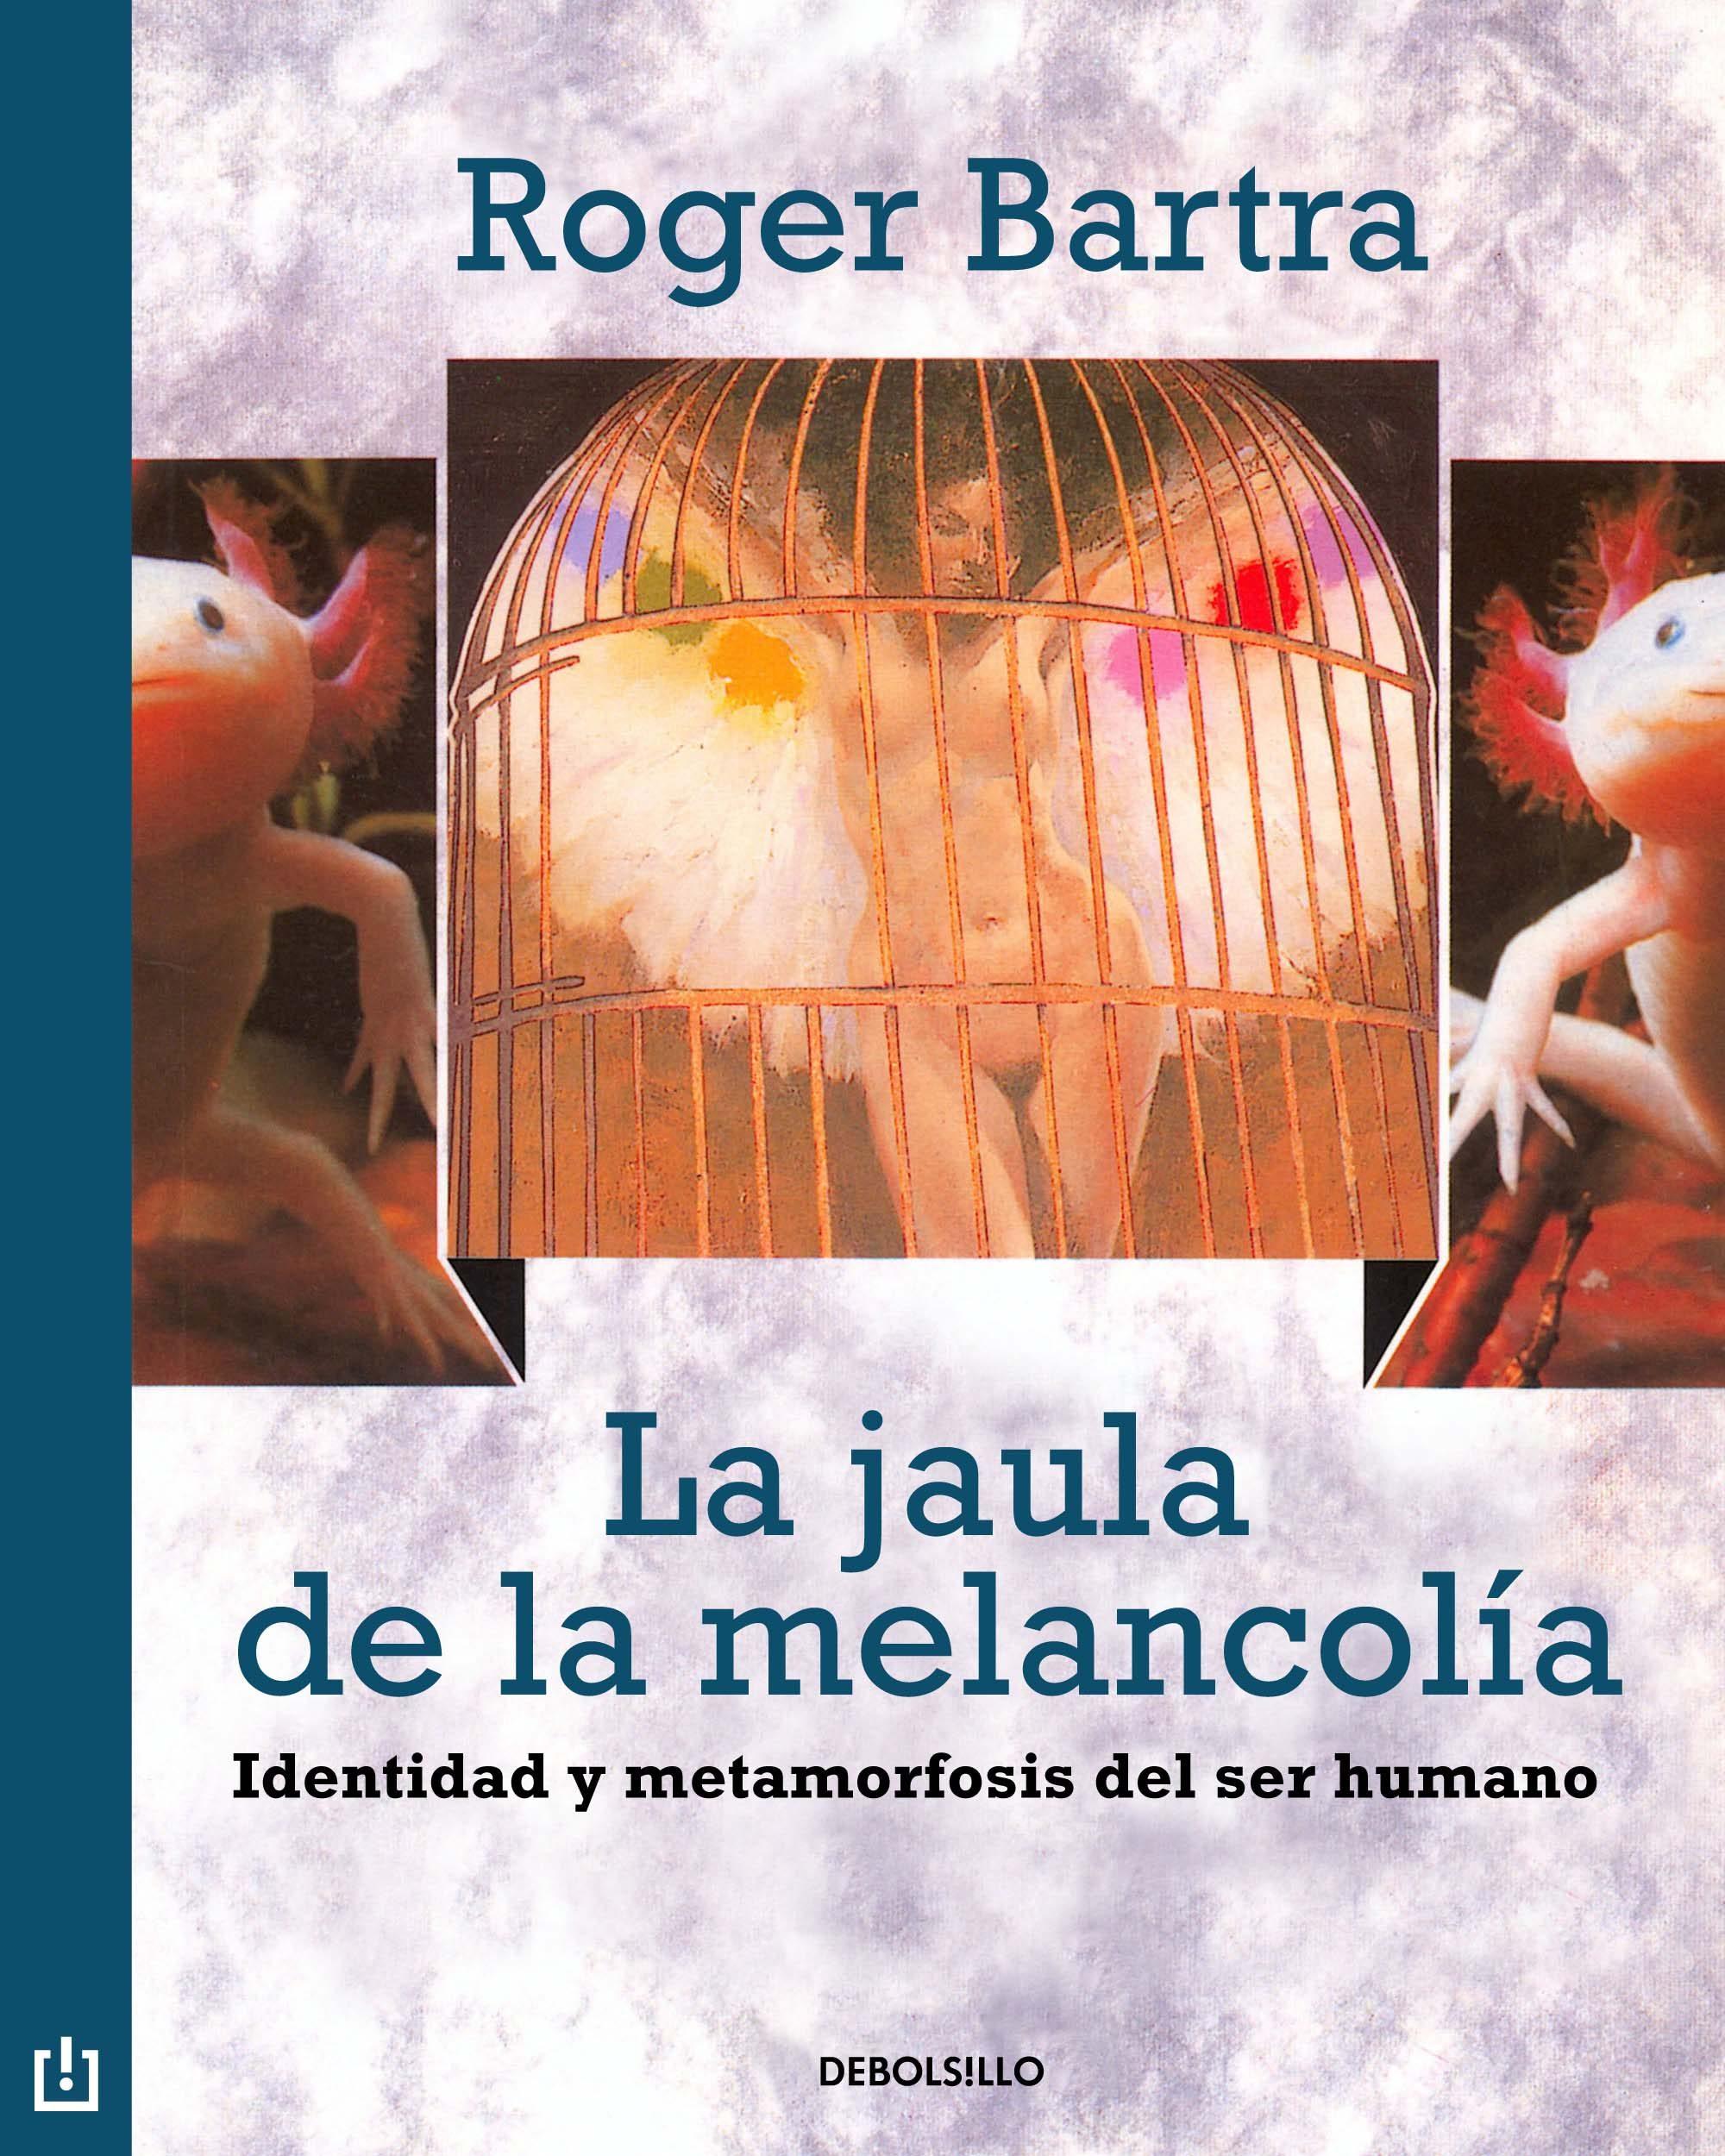 La jaula de la melancol a. Identidad y metamorfosis del mexicano